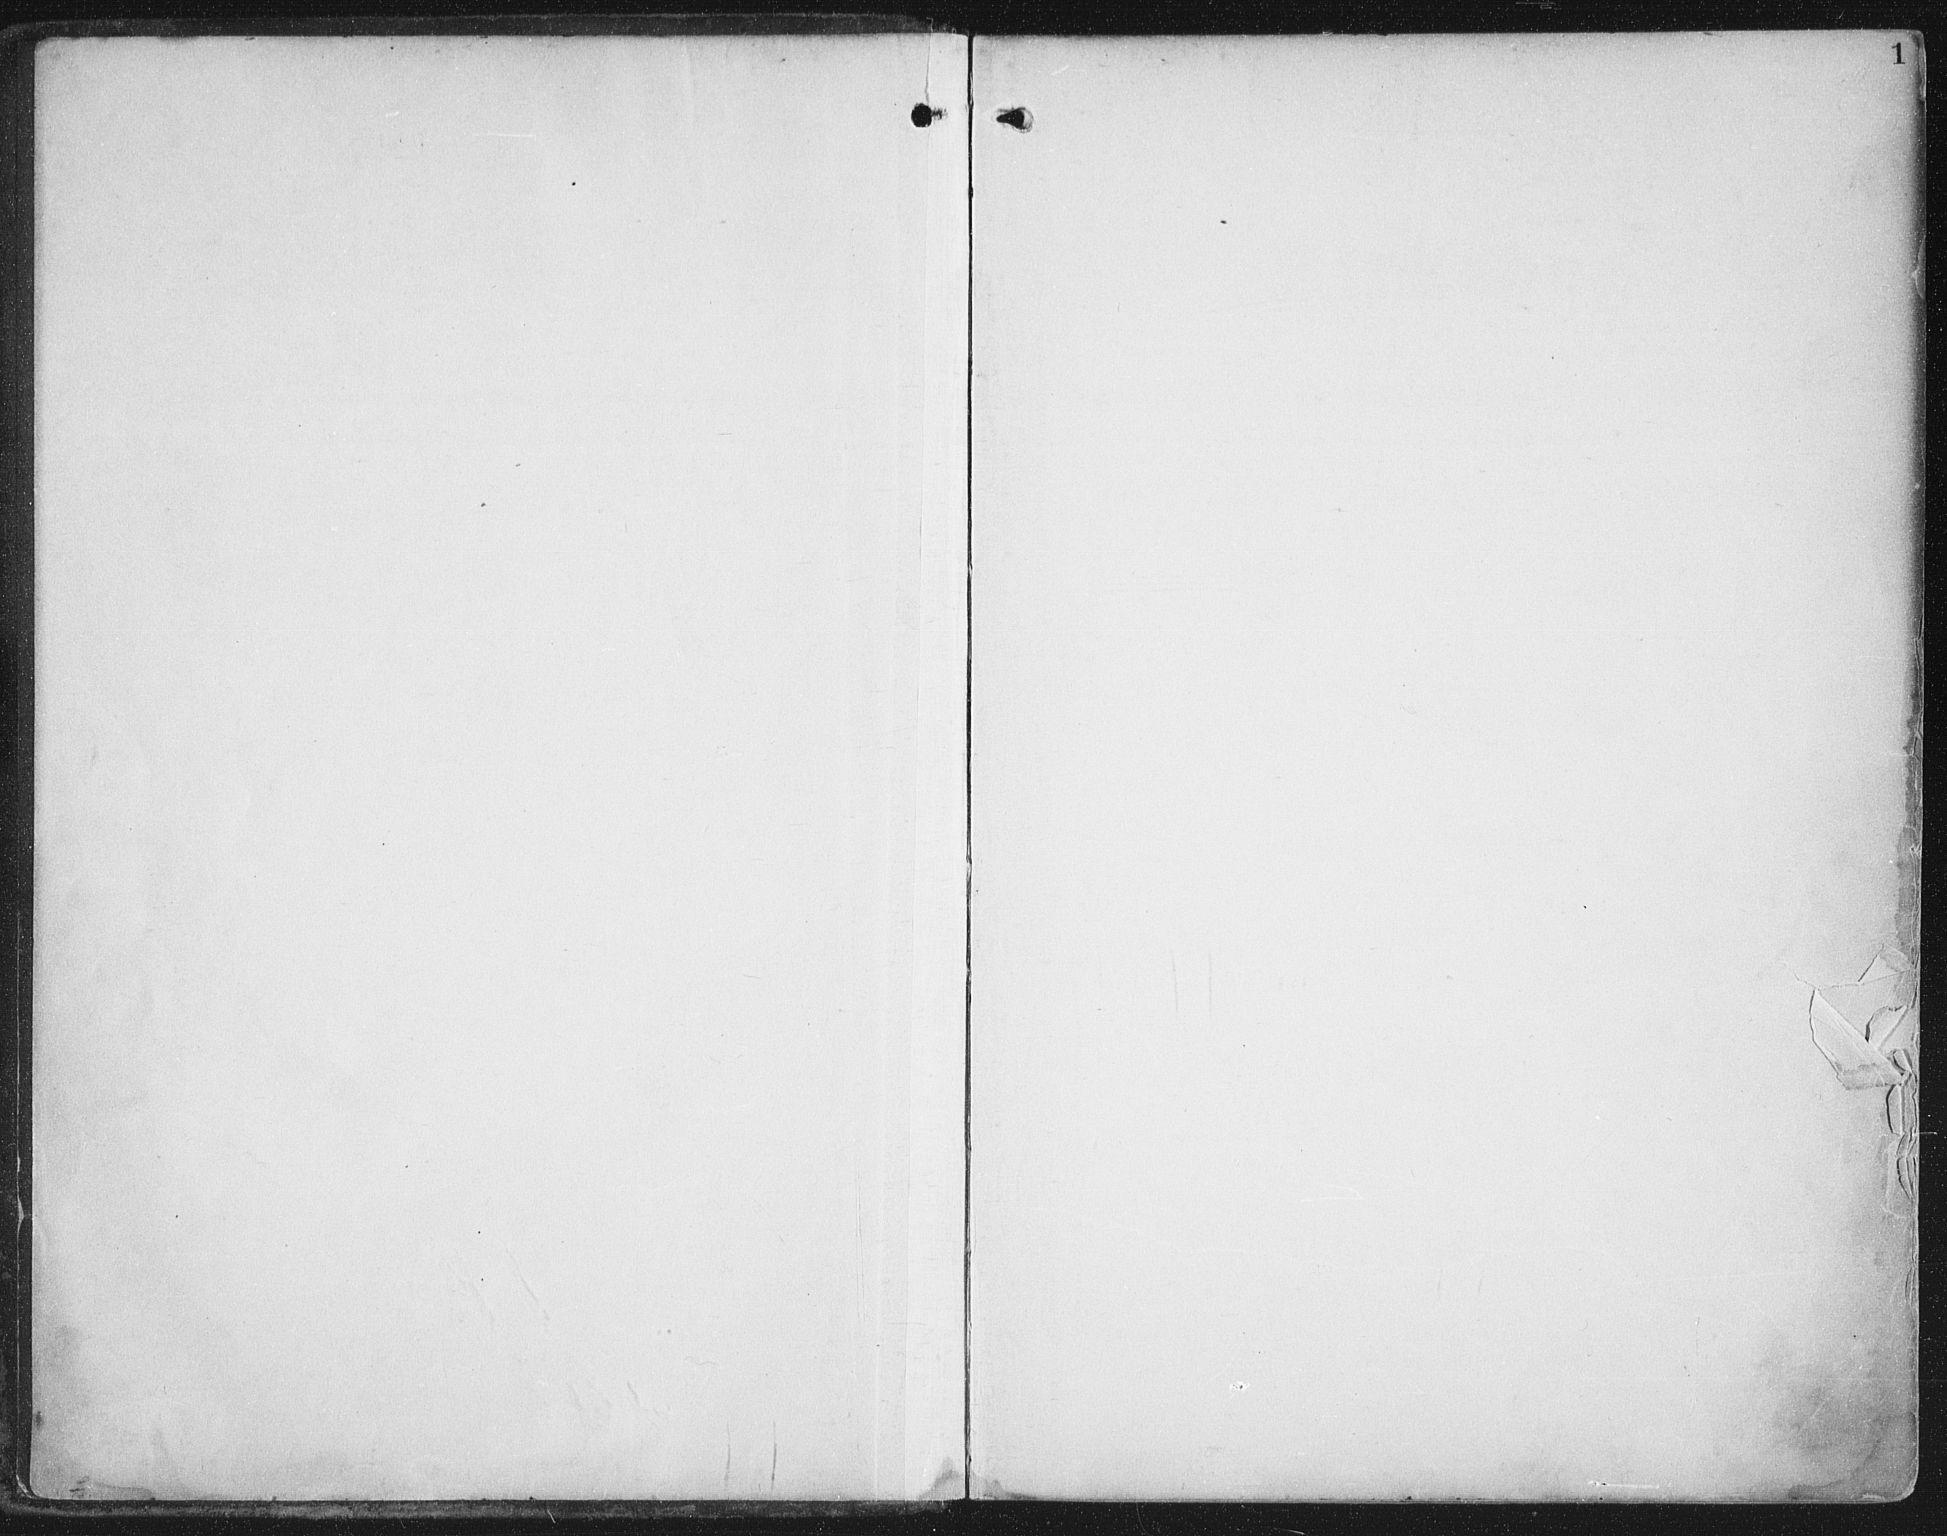 SAT, Ministerialprotokoller, klokkerbøker og fødselsregistre - Nord-Trøndelag, 786/L0688: Ministerialbok nr. 786A04, 1899-1912, s. 1